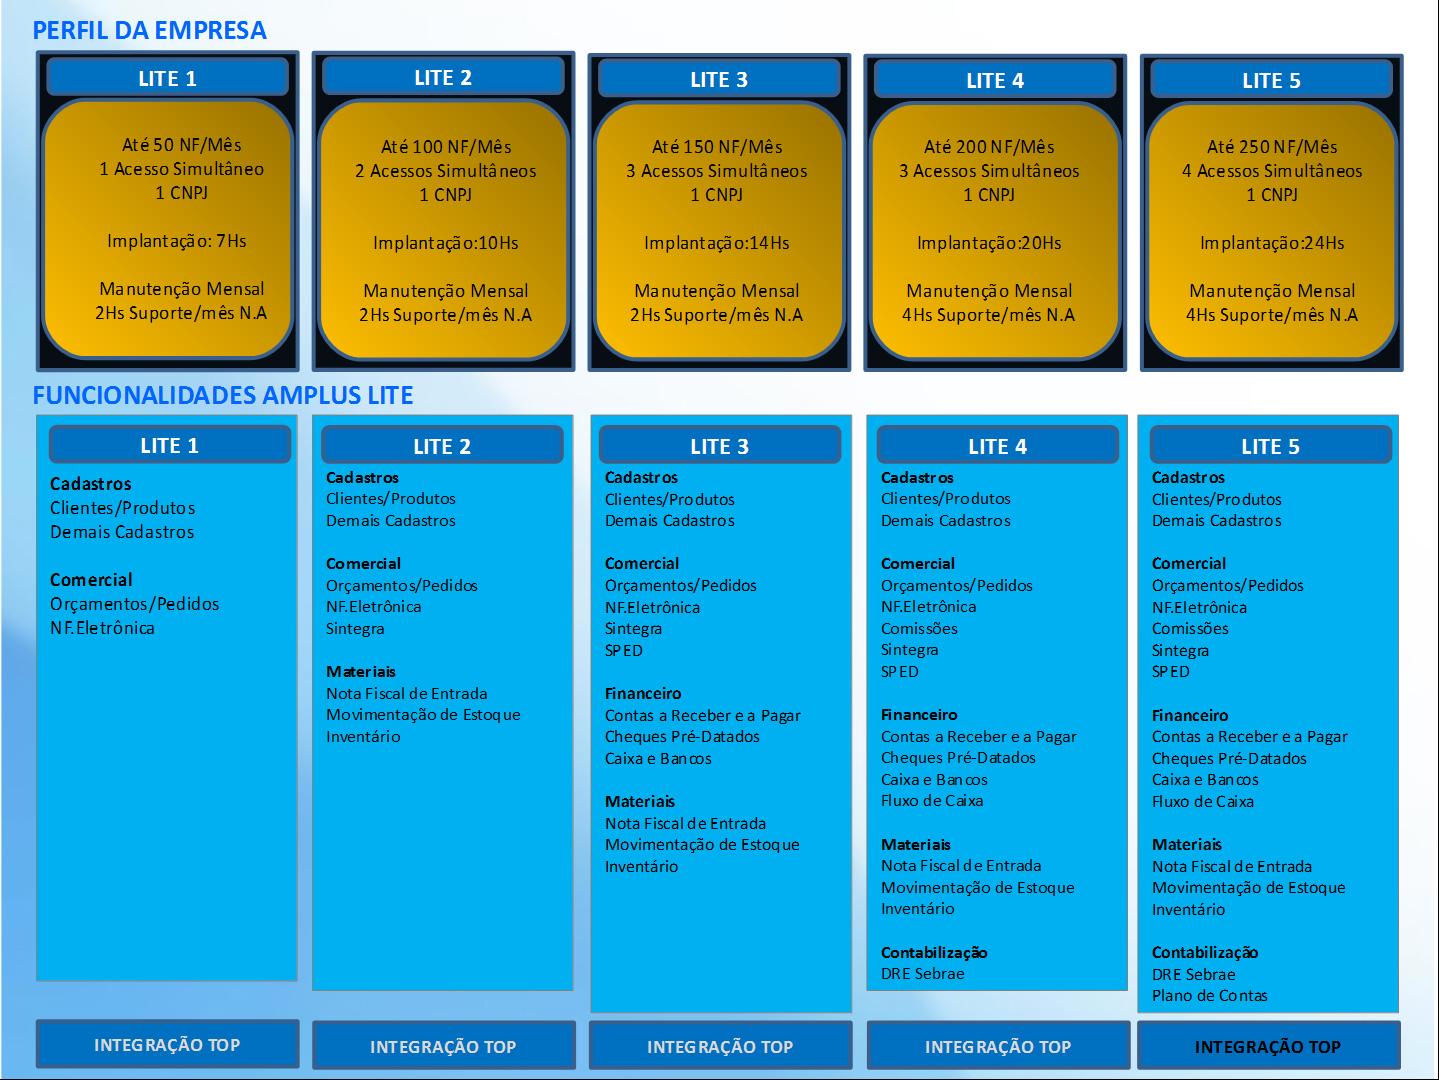 perfil da empresa